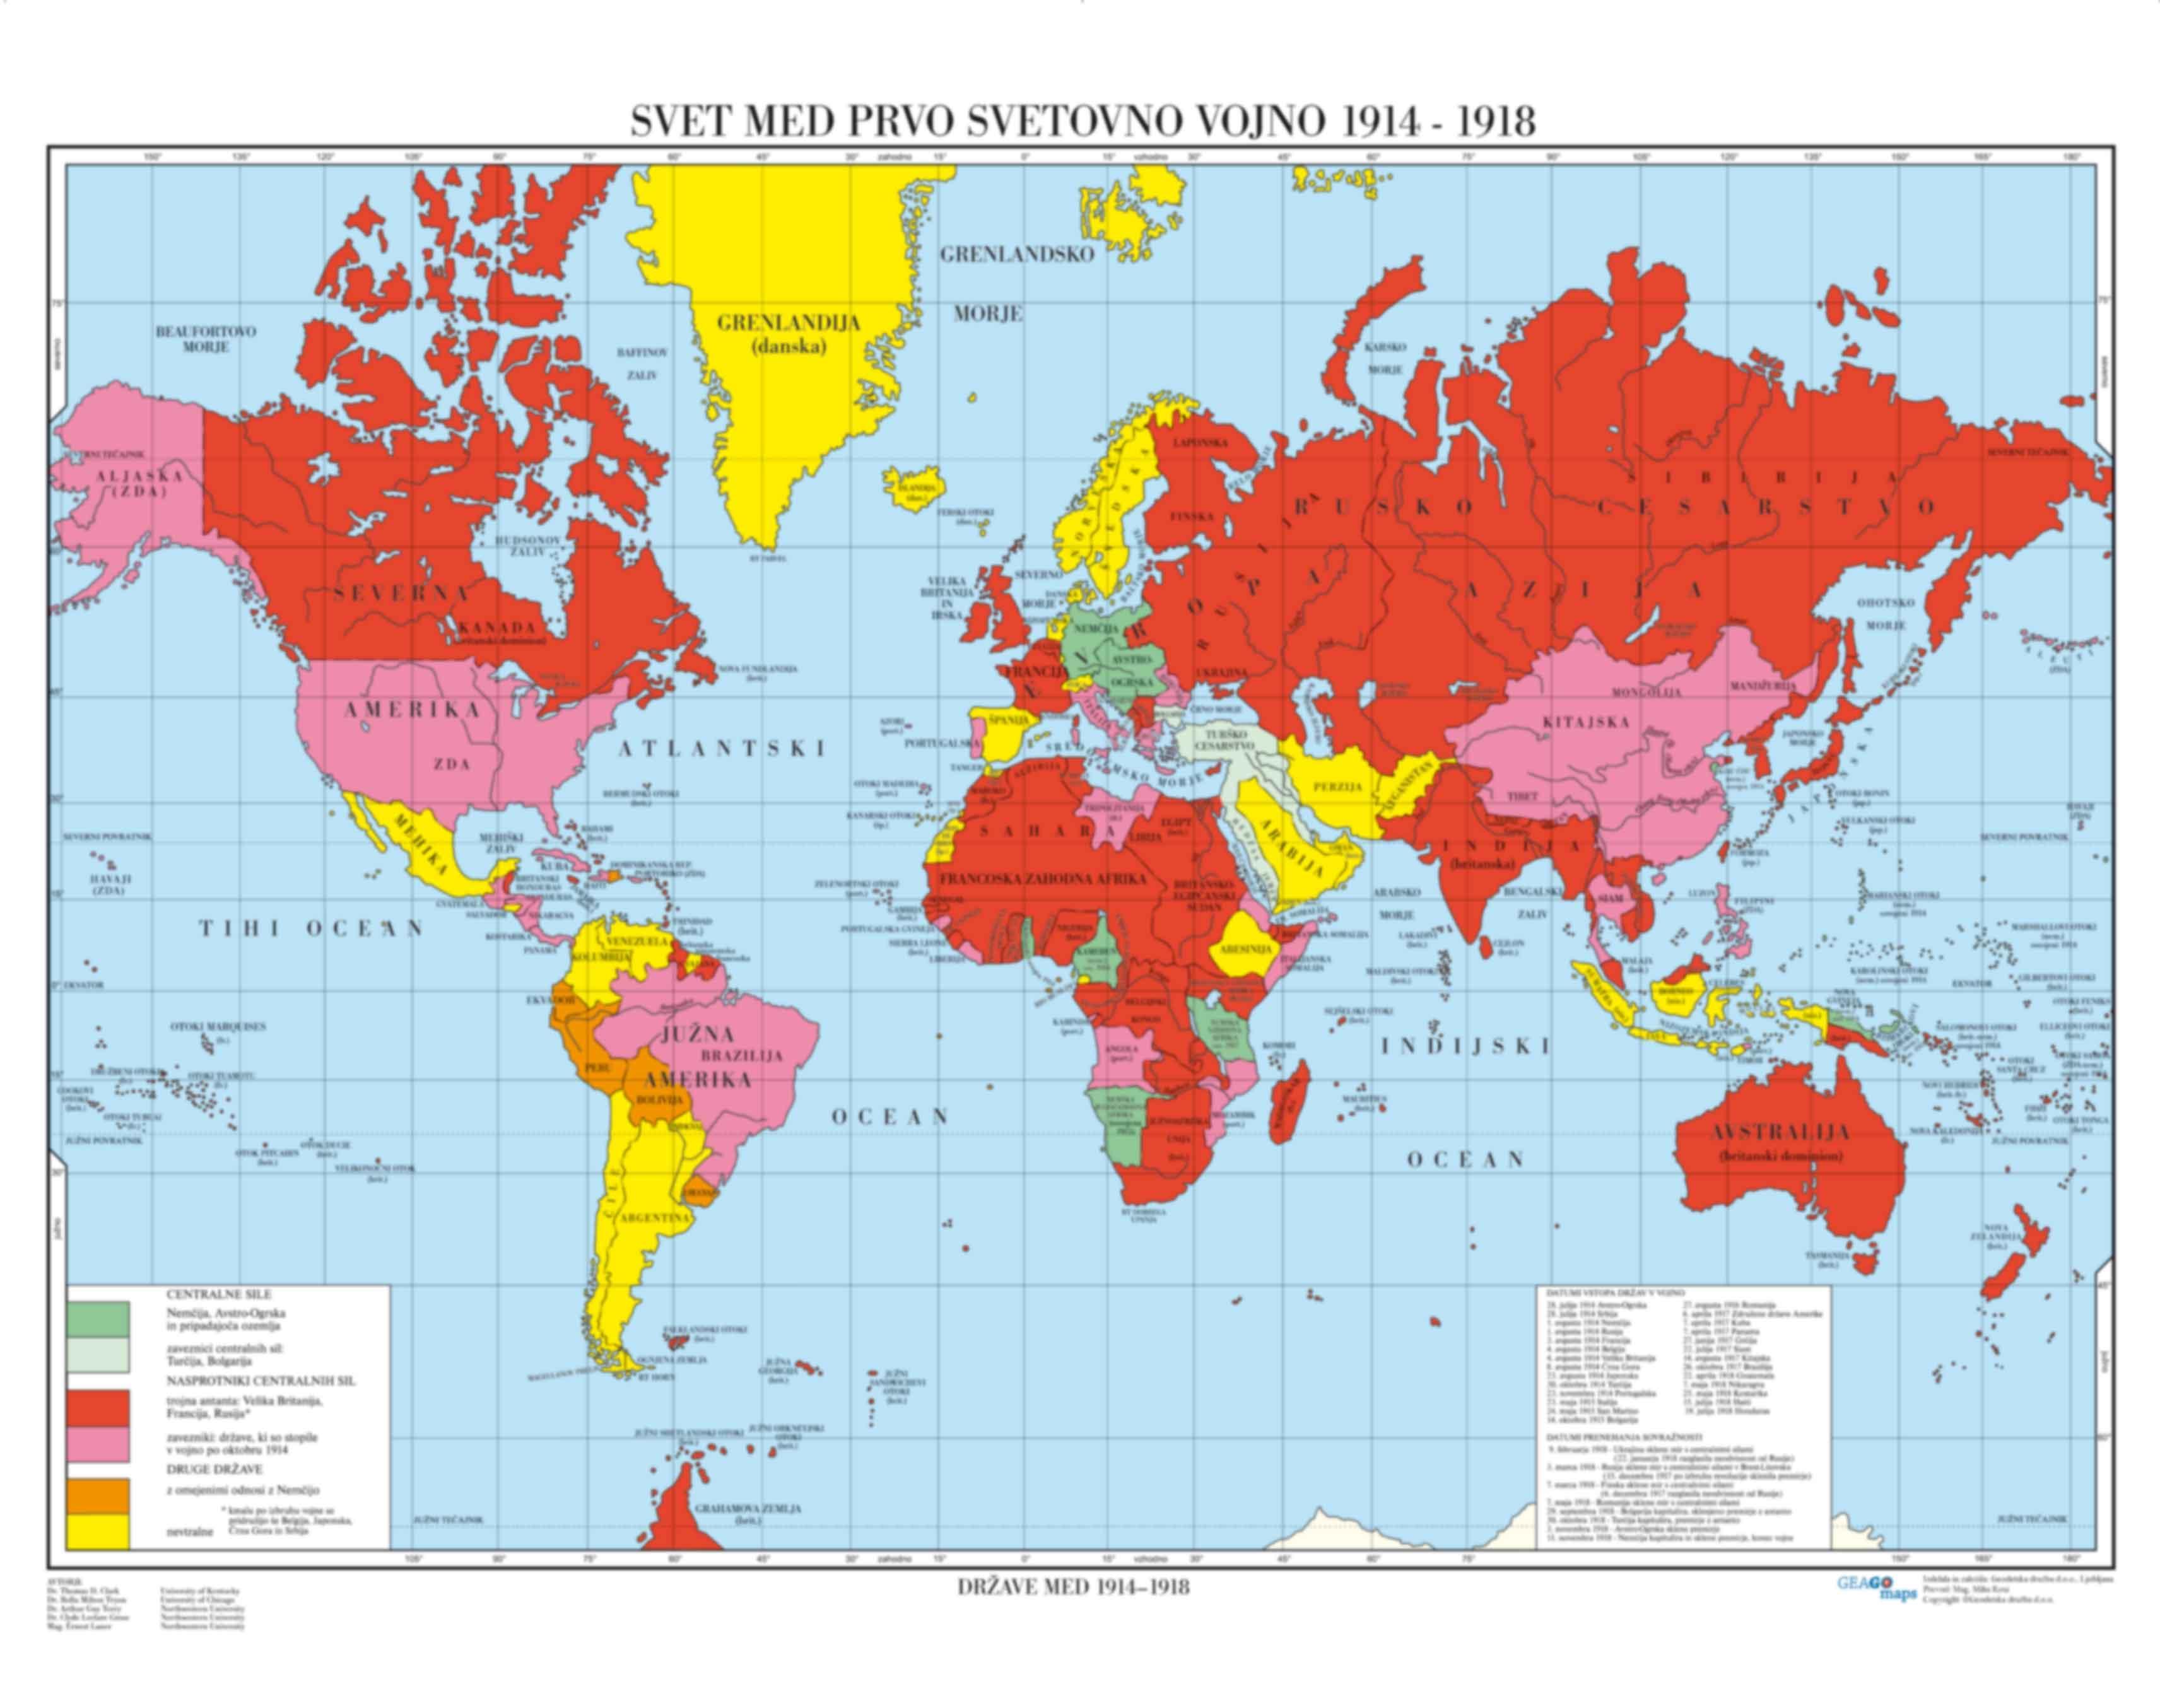 Svet med prvo svetovno vojno 1914-1918